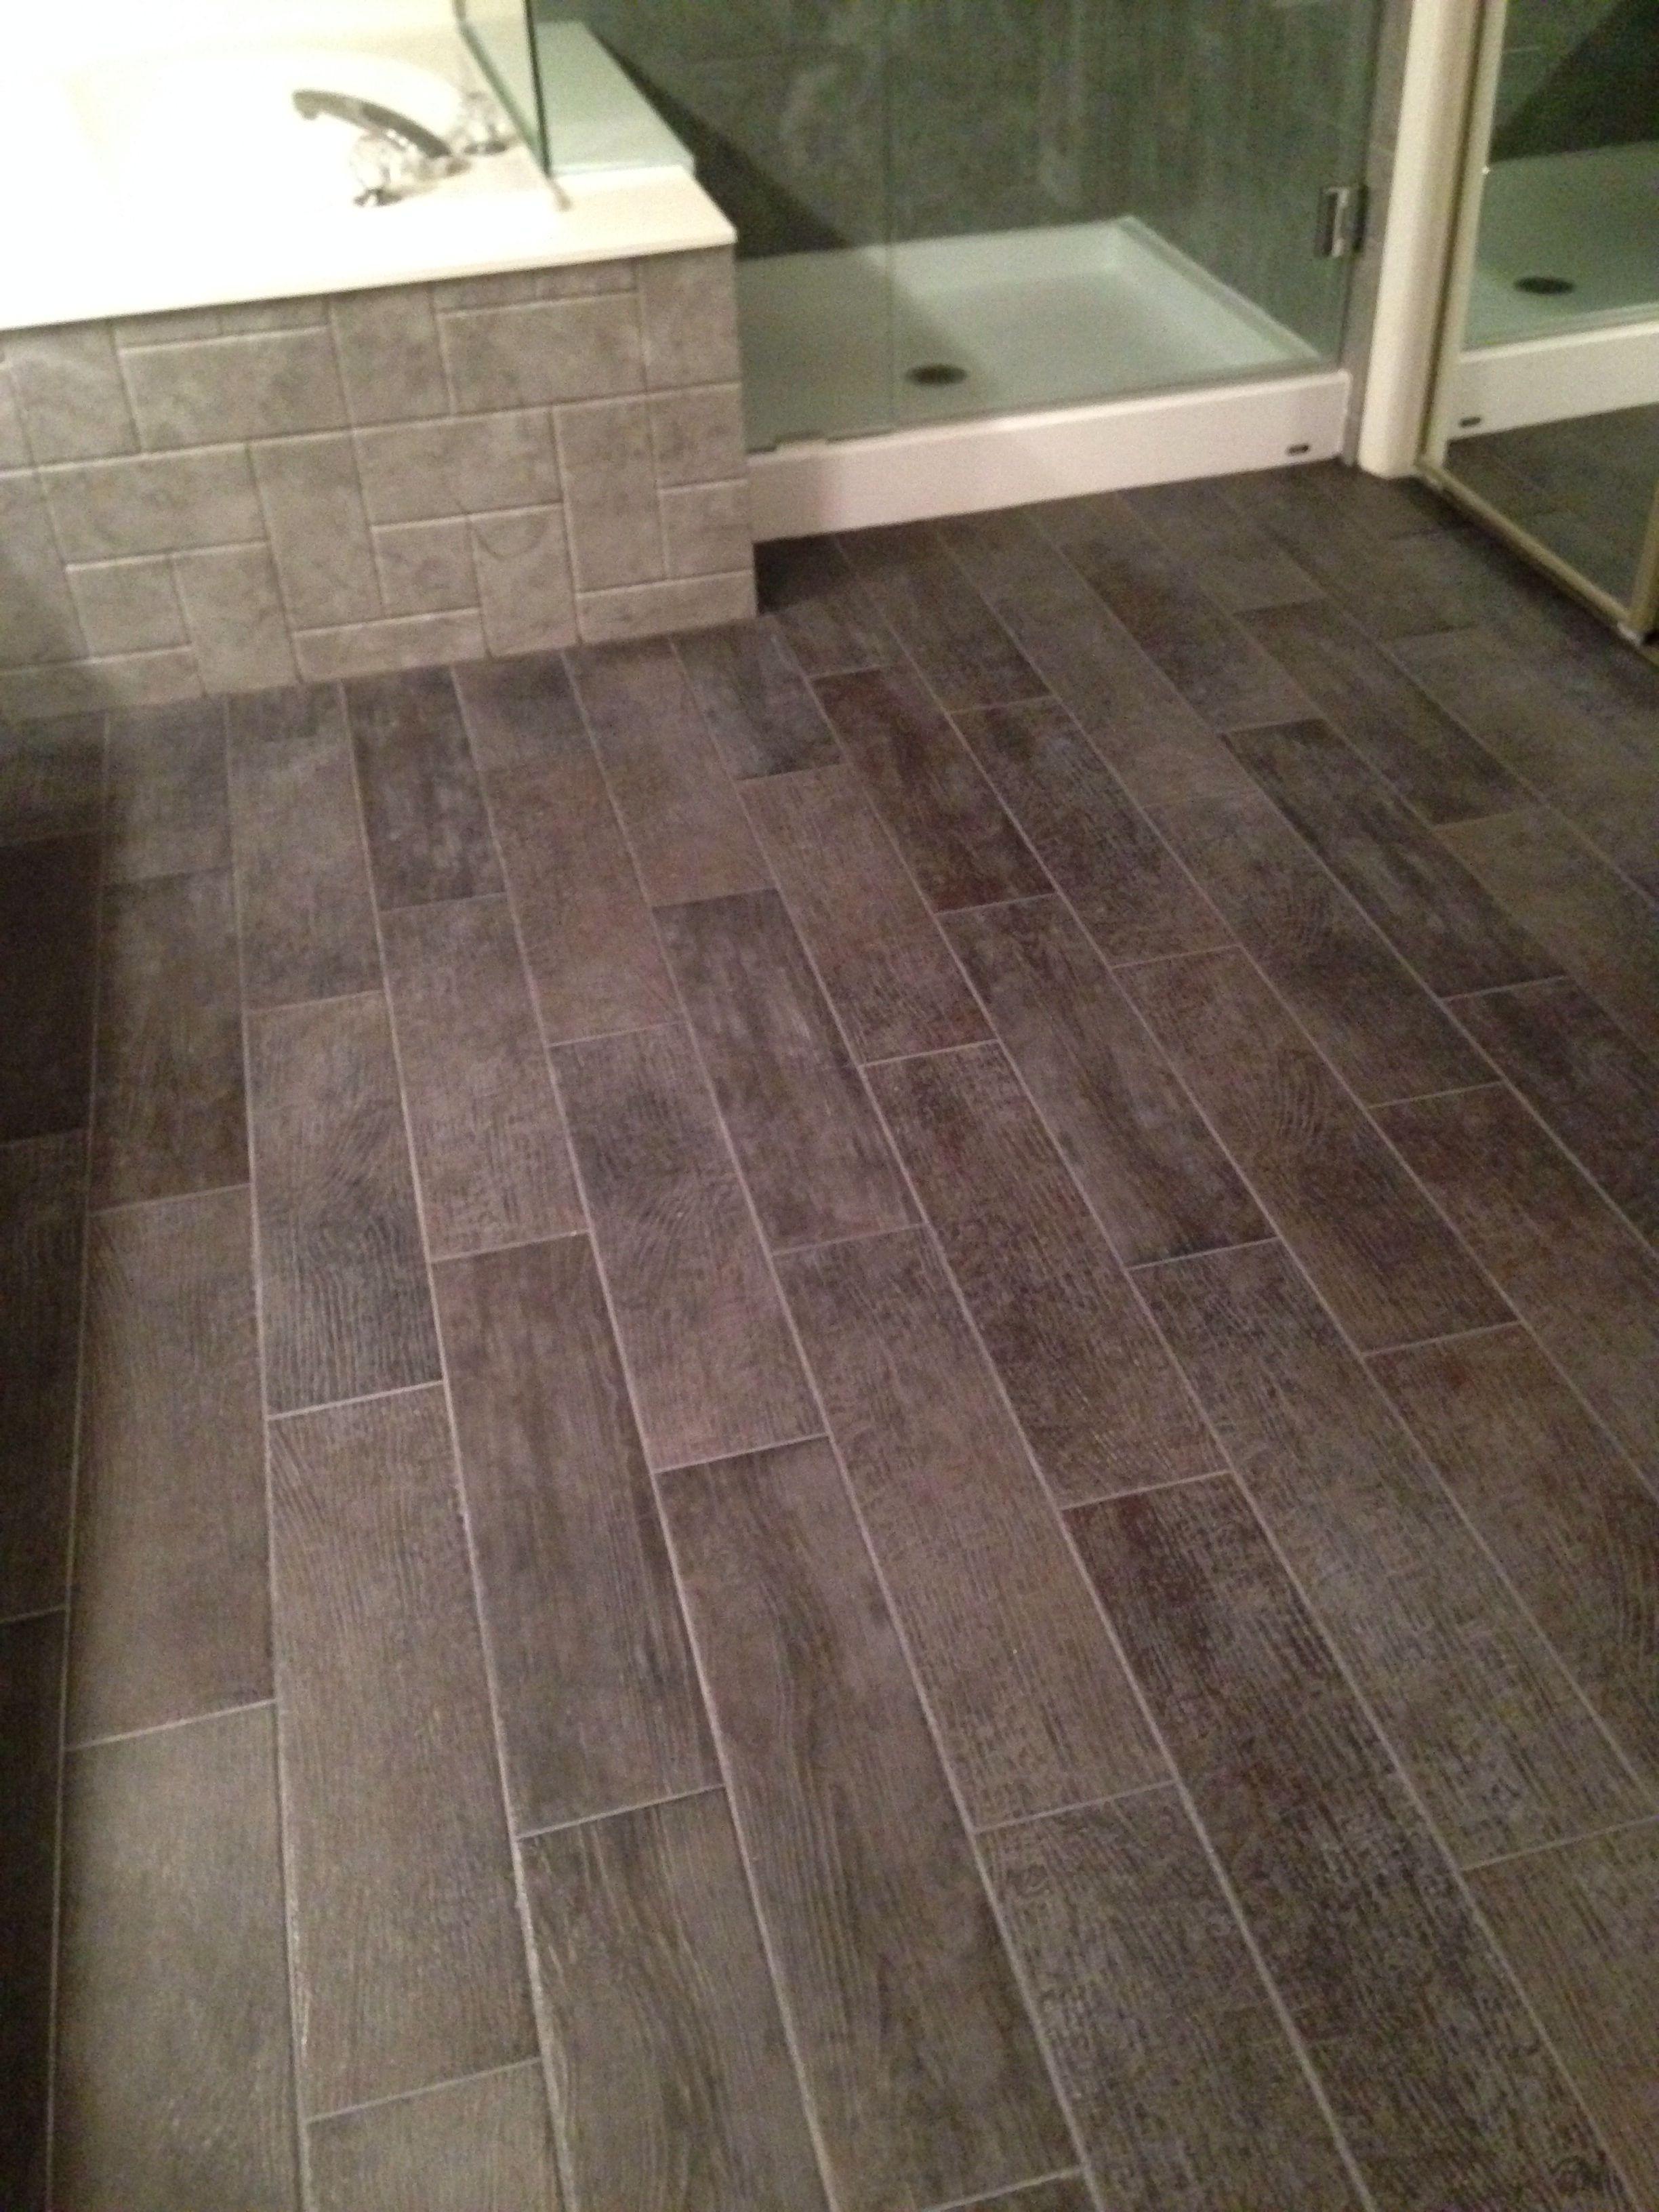 Bathroom floor 6x24 tiles charcoal gray look like wood for Wood floor in bathroom